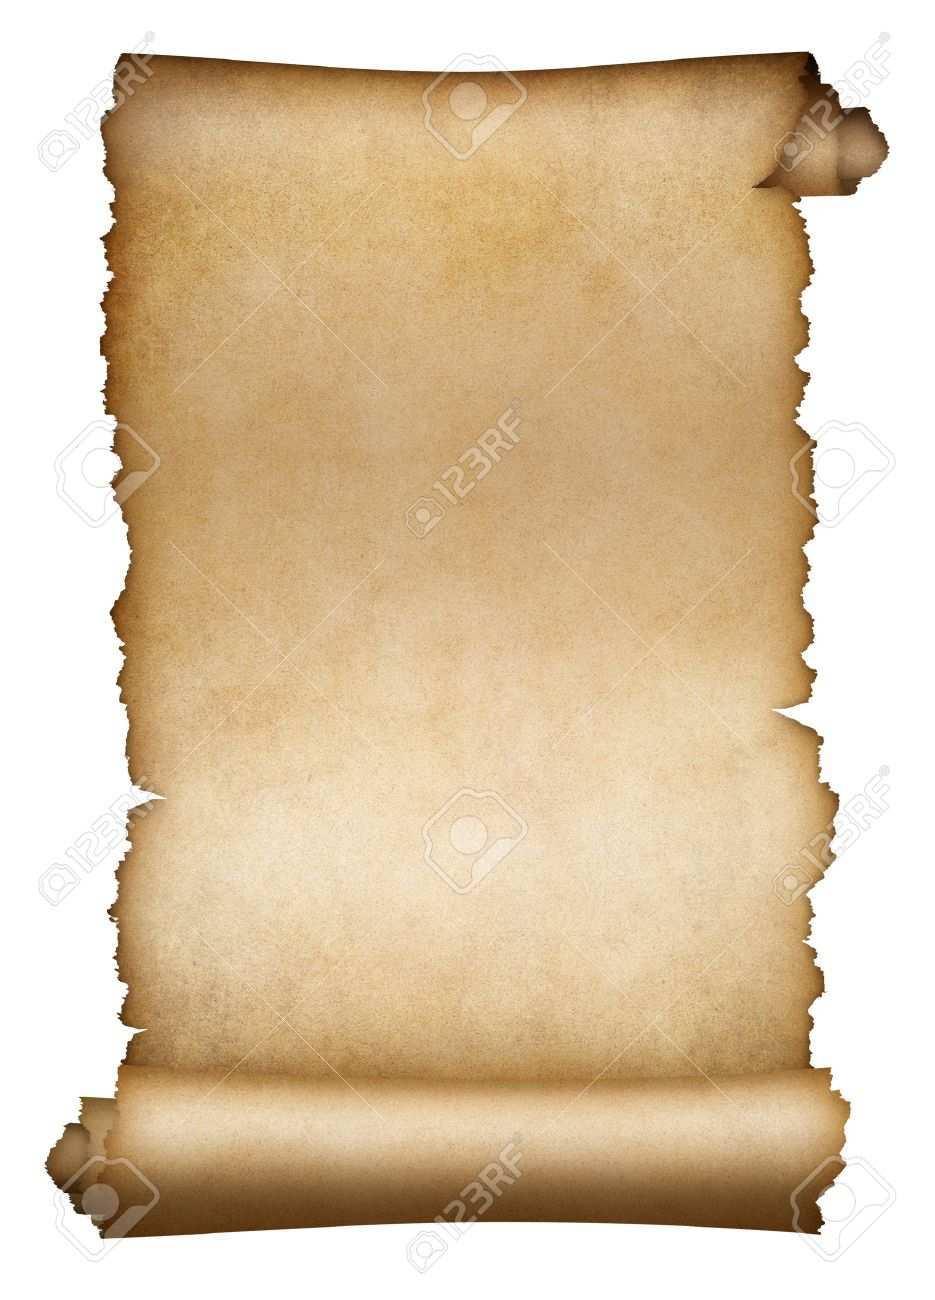 Alte Schriftrolle Pergament Oder Papier Isoliert Auf Weiss Lizenzfreie Fotos Bilder Und Stock Fotografie Image 48196741